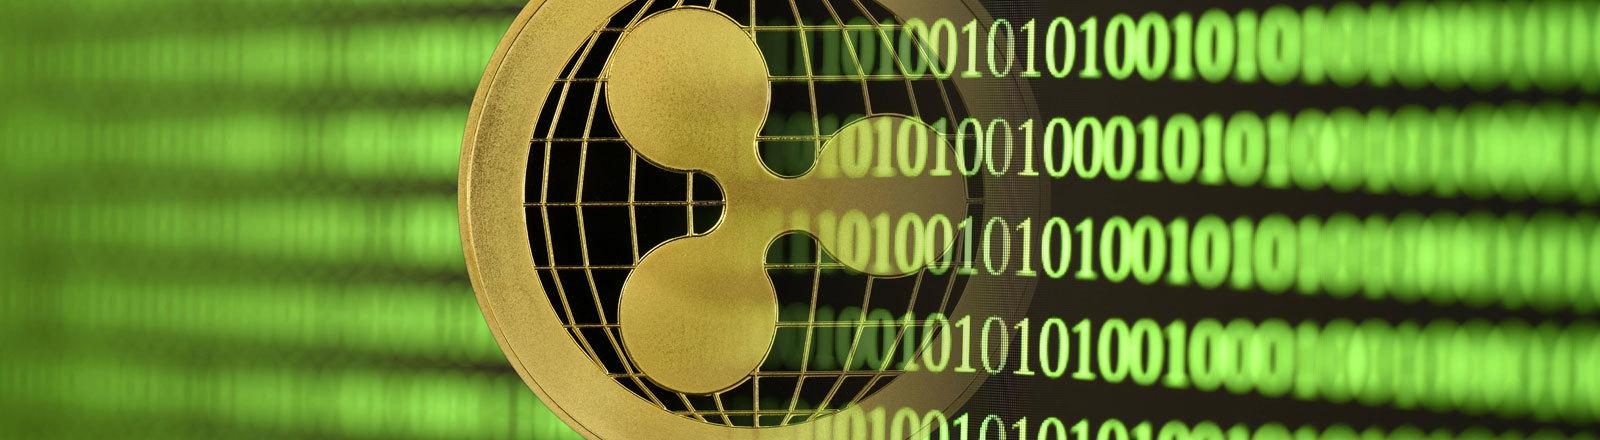 Symbolbild Kryptowährung